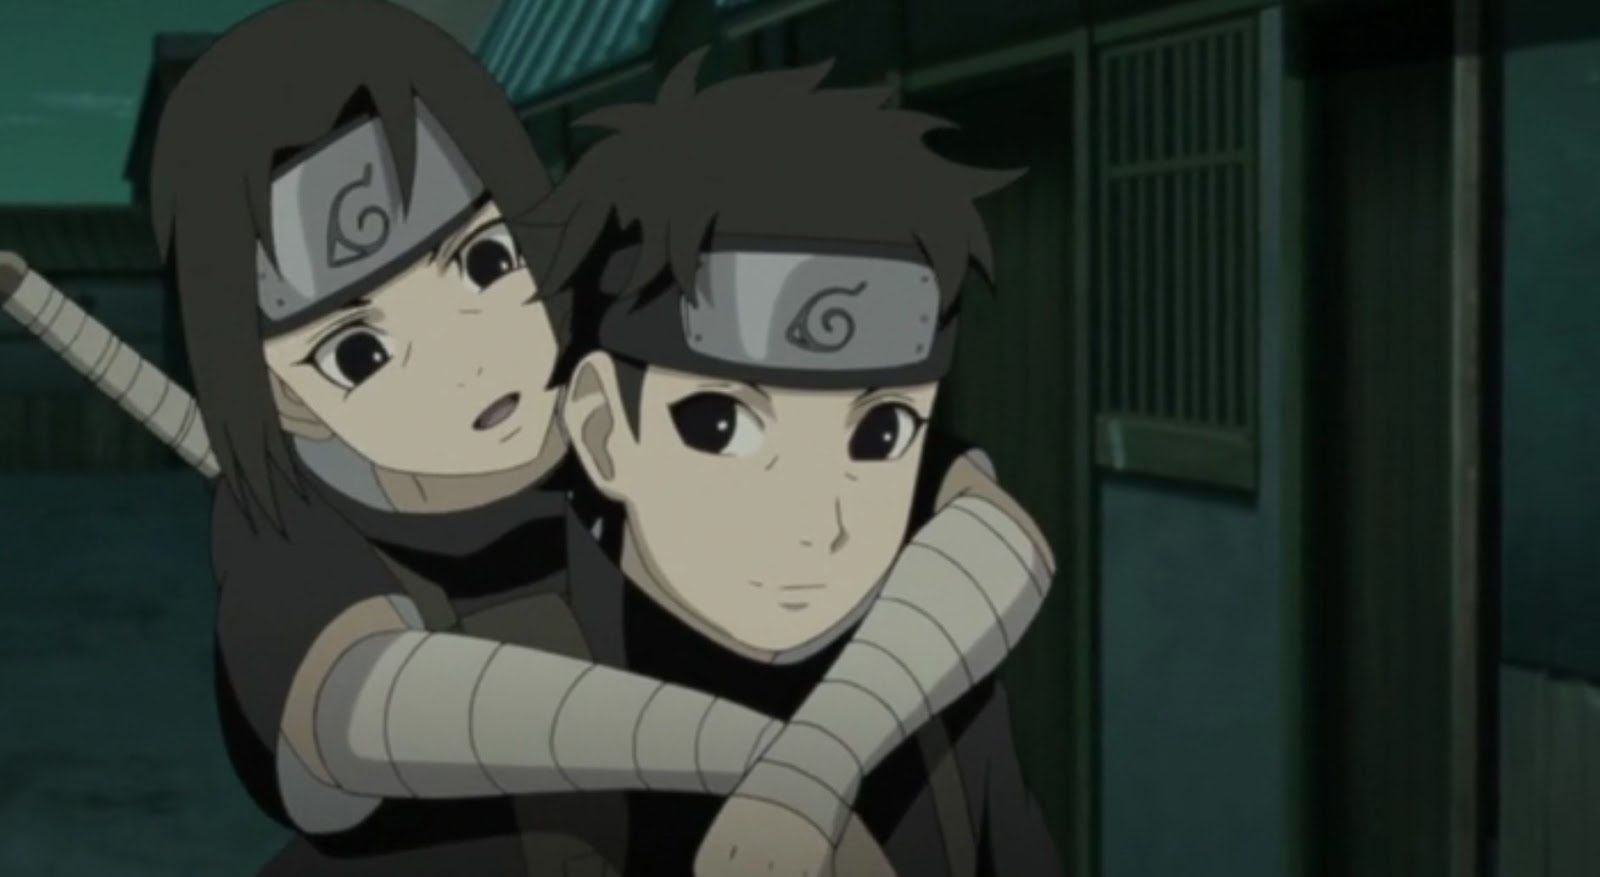 Naruto Shippuden Episódio 454, Assistir Naruto Shippuden Episódio 454, Assistir Naruto Shippuden Todos os Episódios Legendado, Naruto Shippuden episódio 454,HD